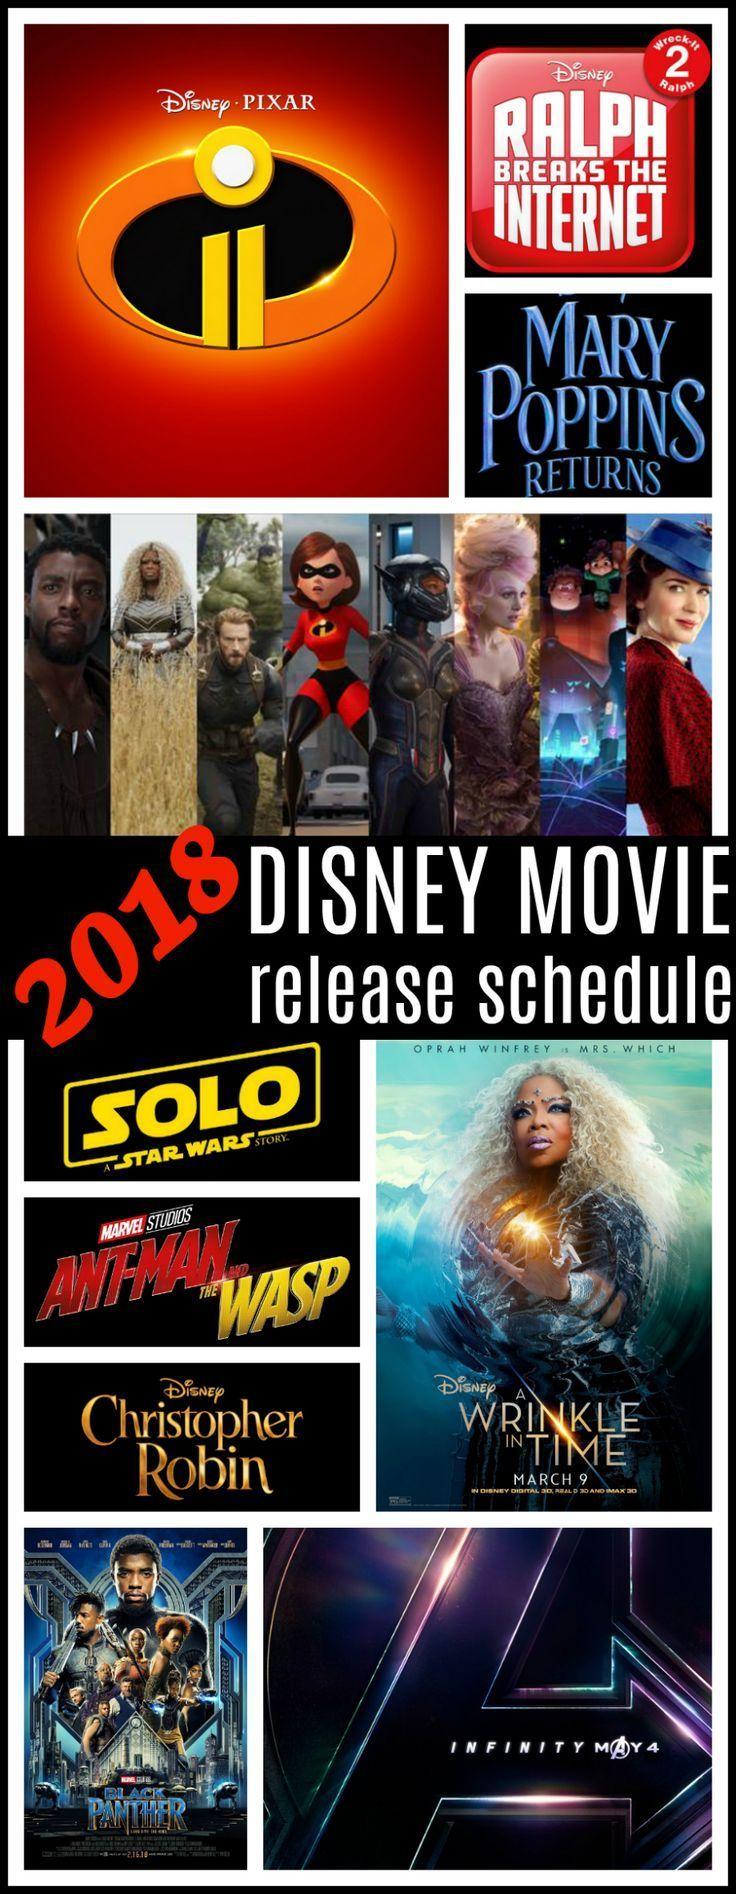 2018 Disney Movie Schedule Disney movies list, Disney